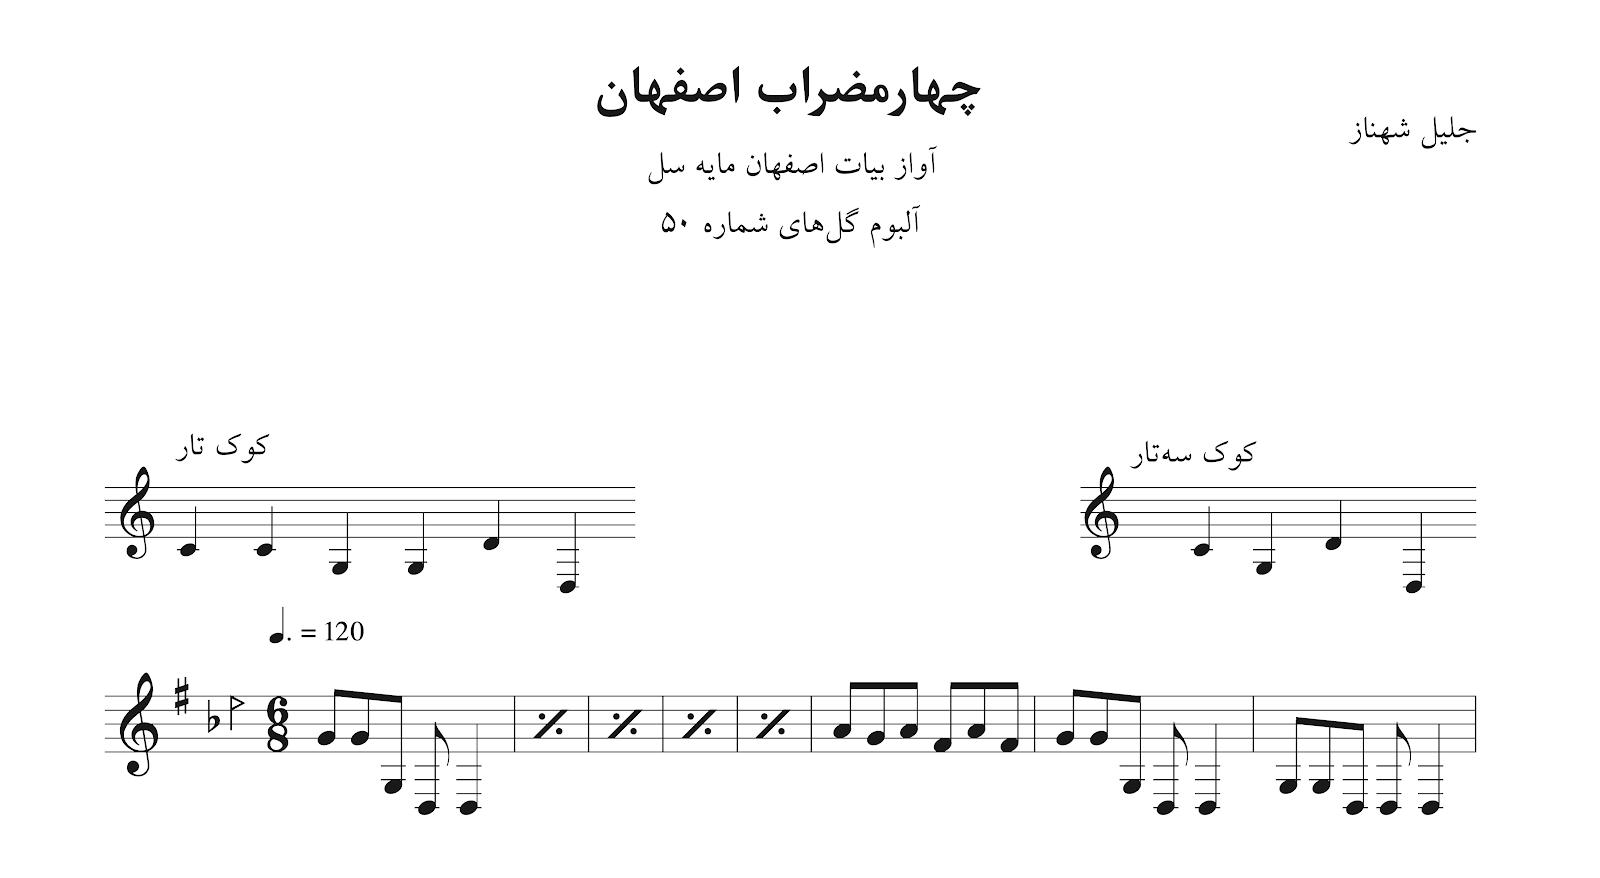 نت چهارمضراب اصفهان سل جلیل شهناز گلهای شماره ۵۰